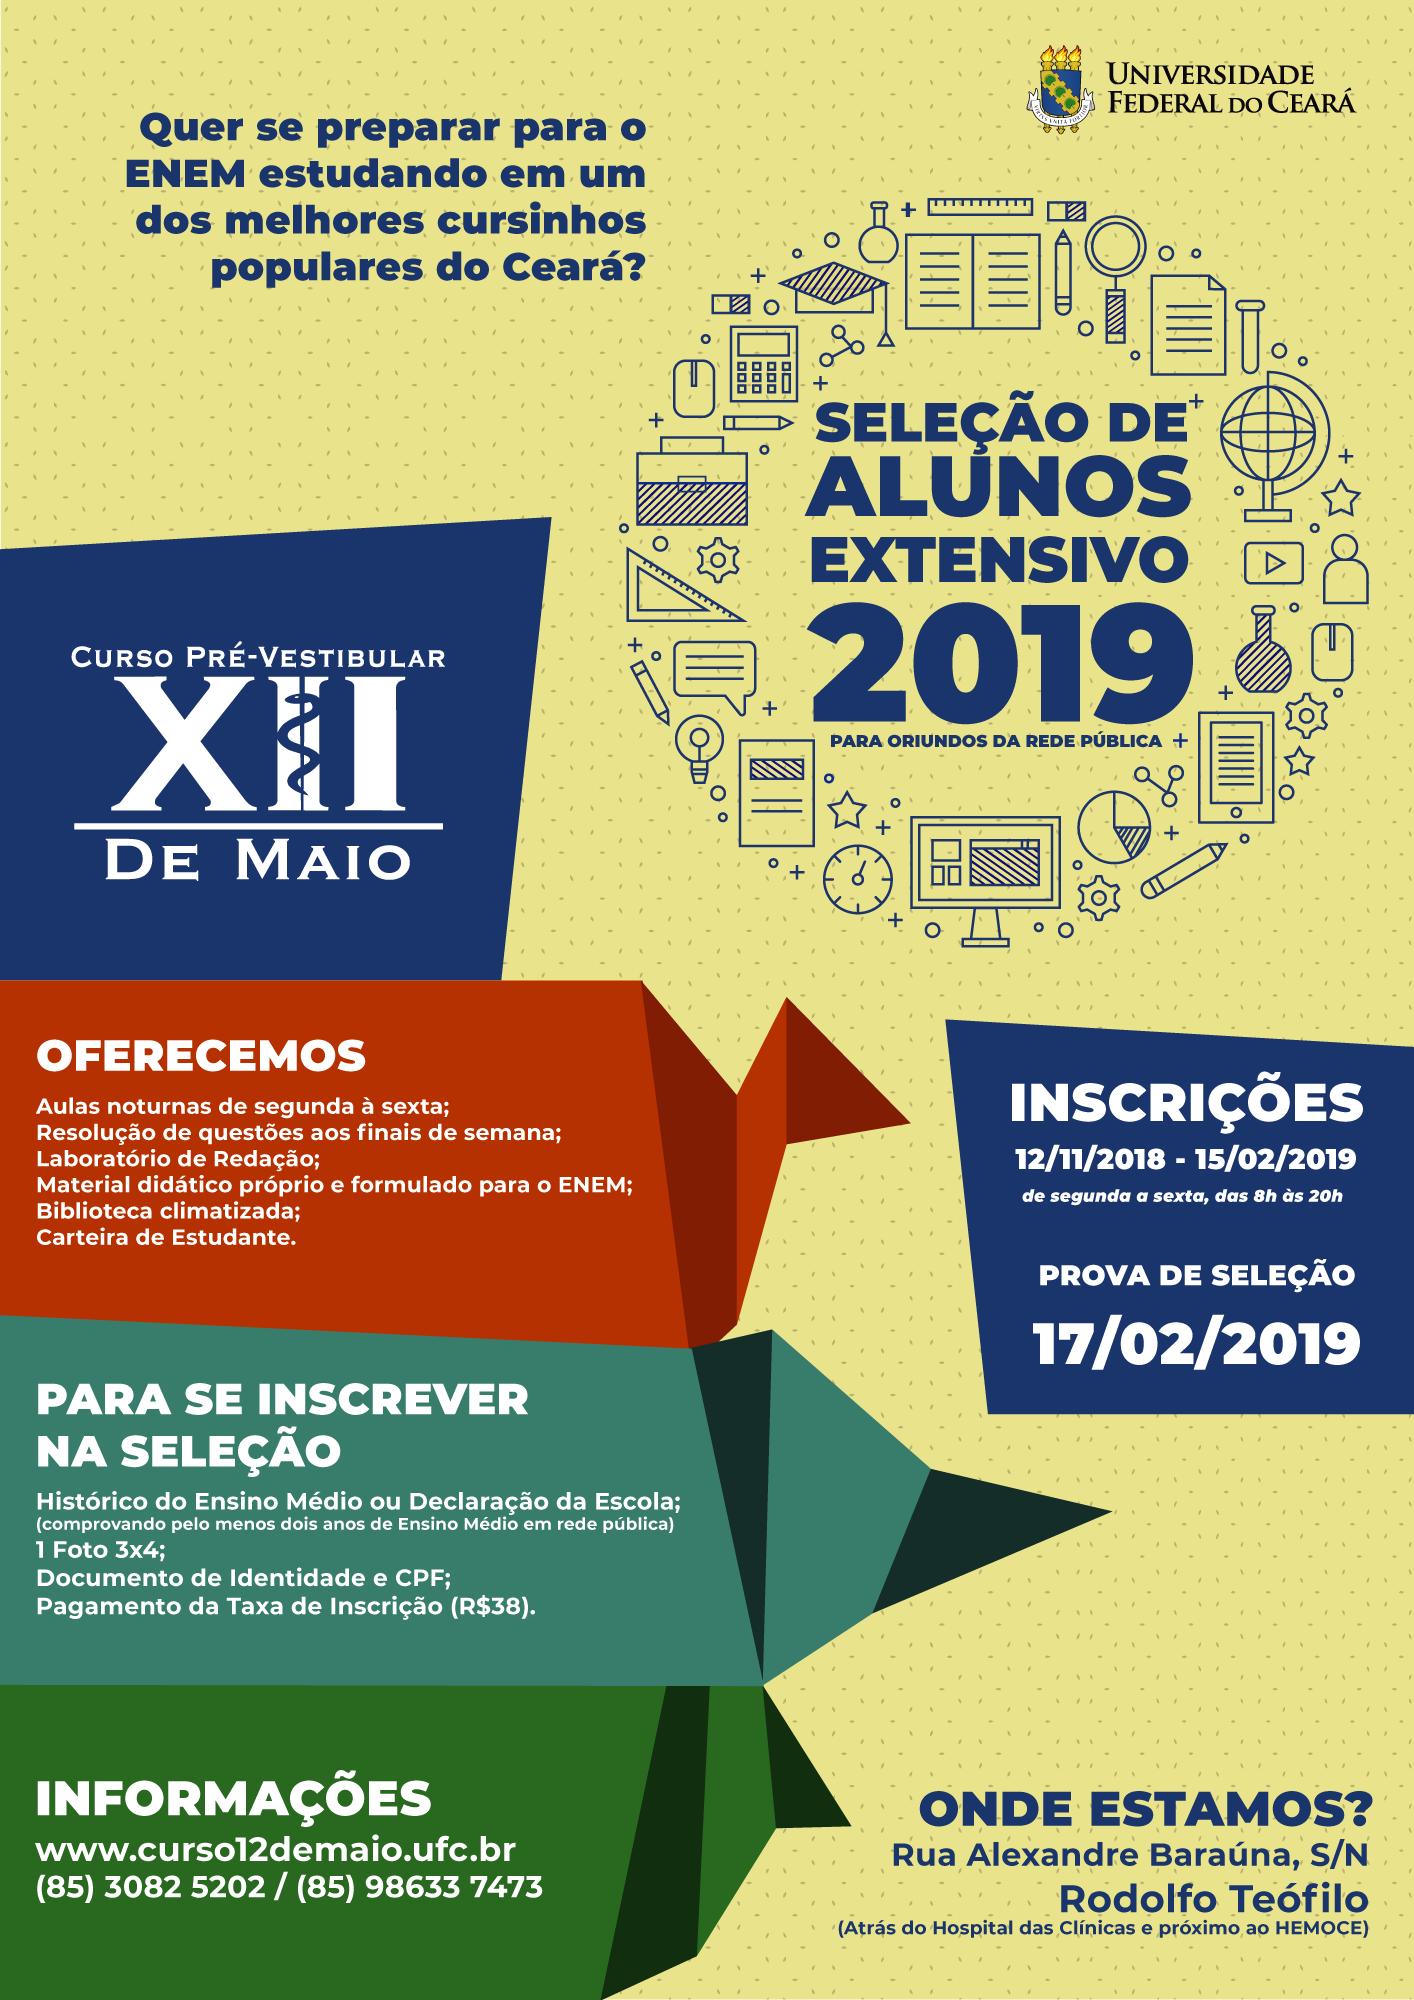 Portal Da Ufc Universidade Federal Do Ceara Curso Pre Vestibular Xii De Maio Inscreve Para Processo Seletivo Ate 15 De Fevereiro